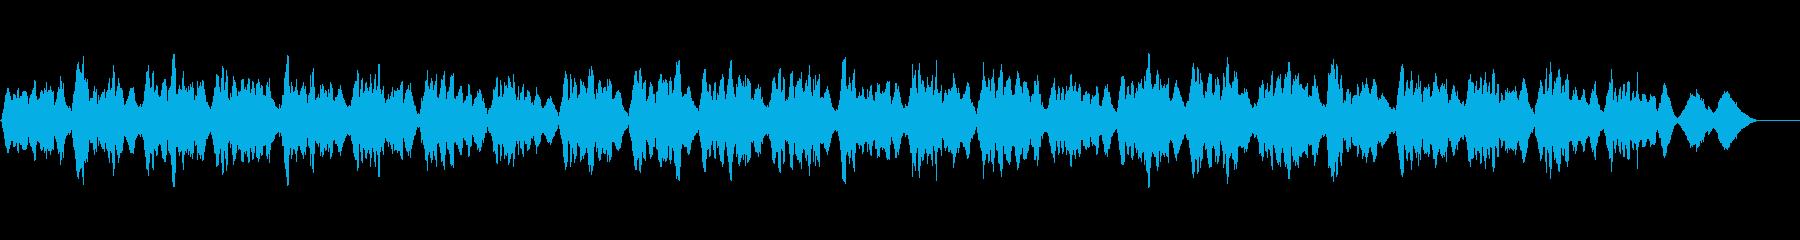 弦楽四重奏の生演奏による讃美歌001の再生済みの波形